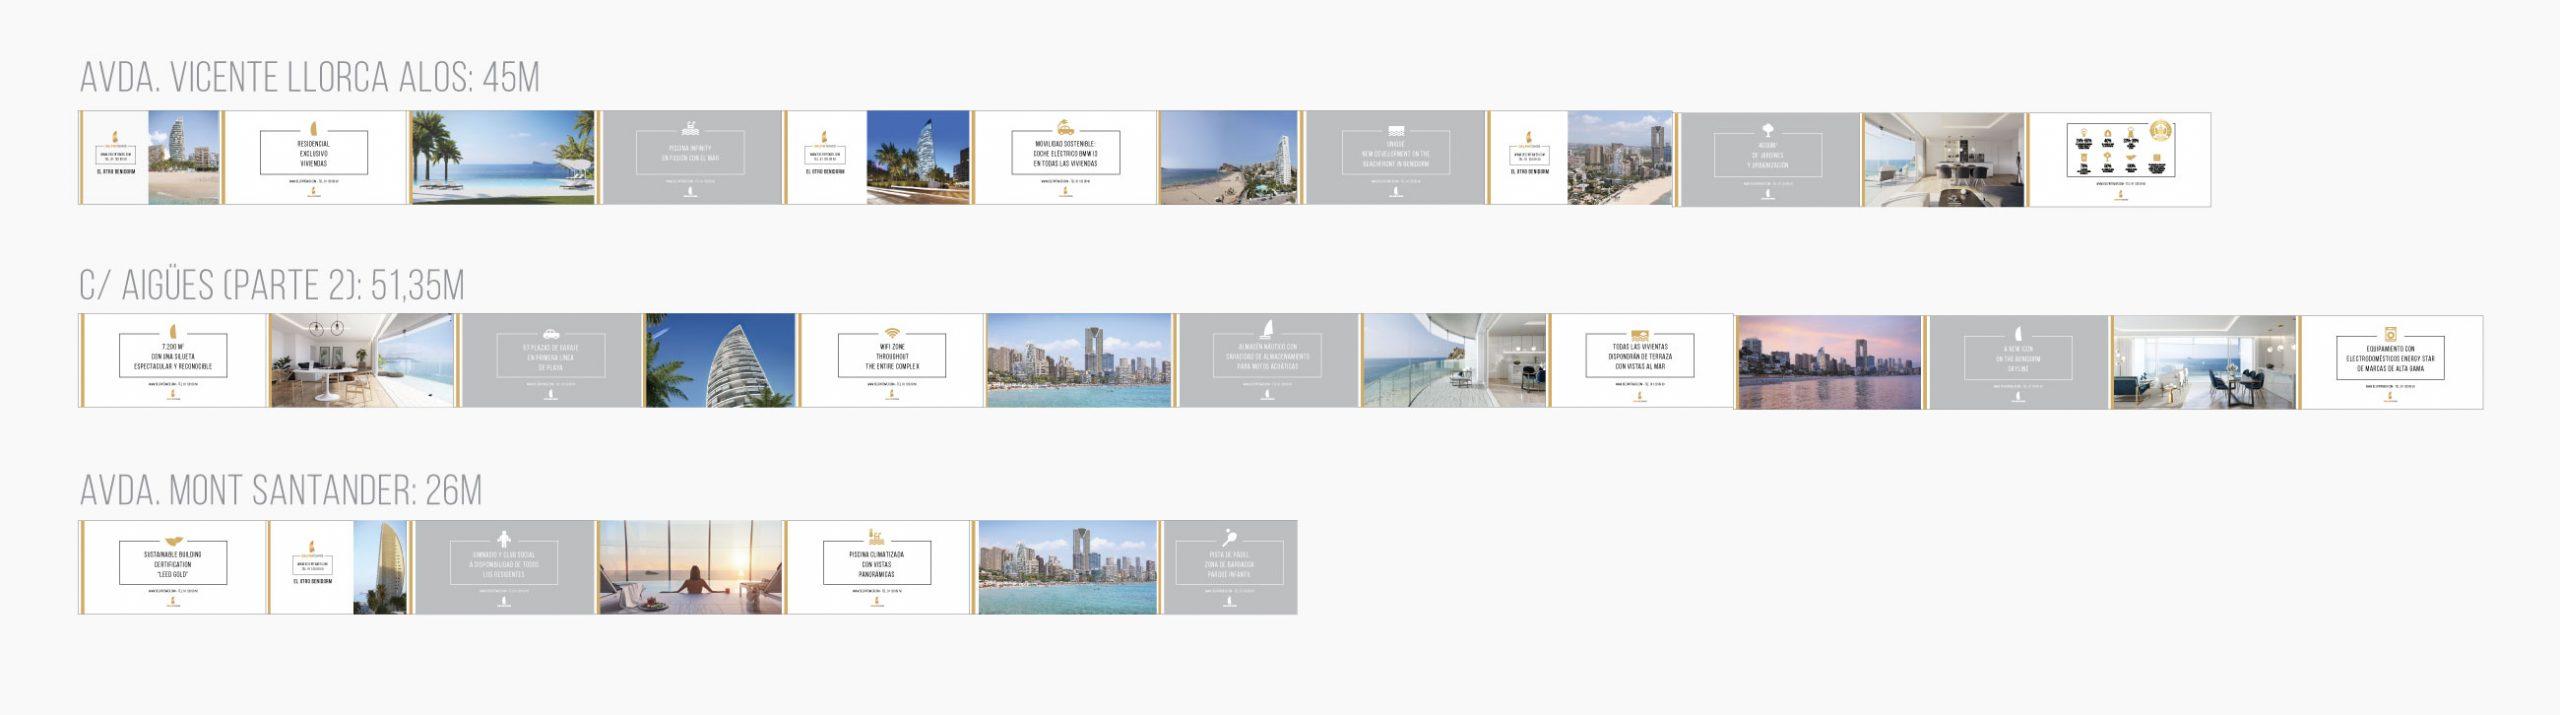 giset design delfin tower exteriores valla presentación